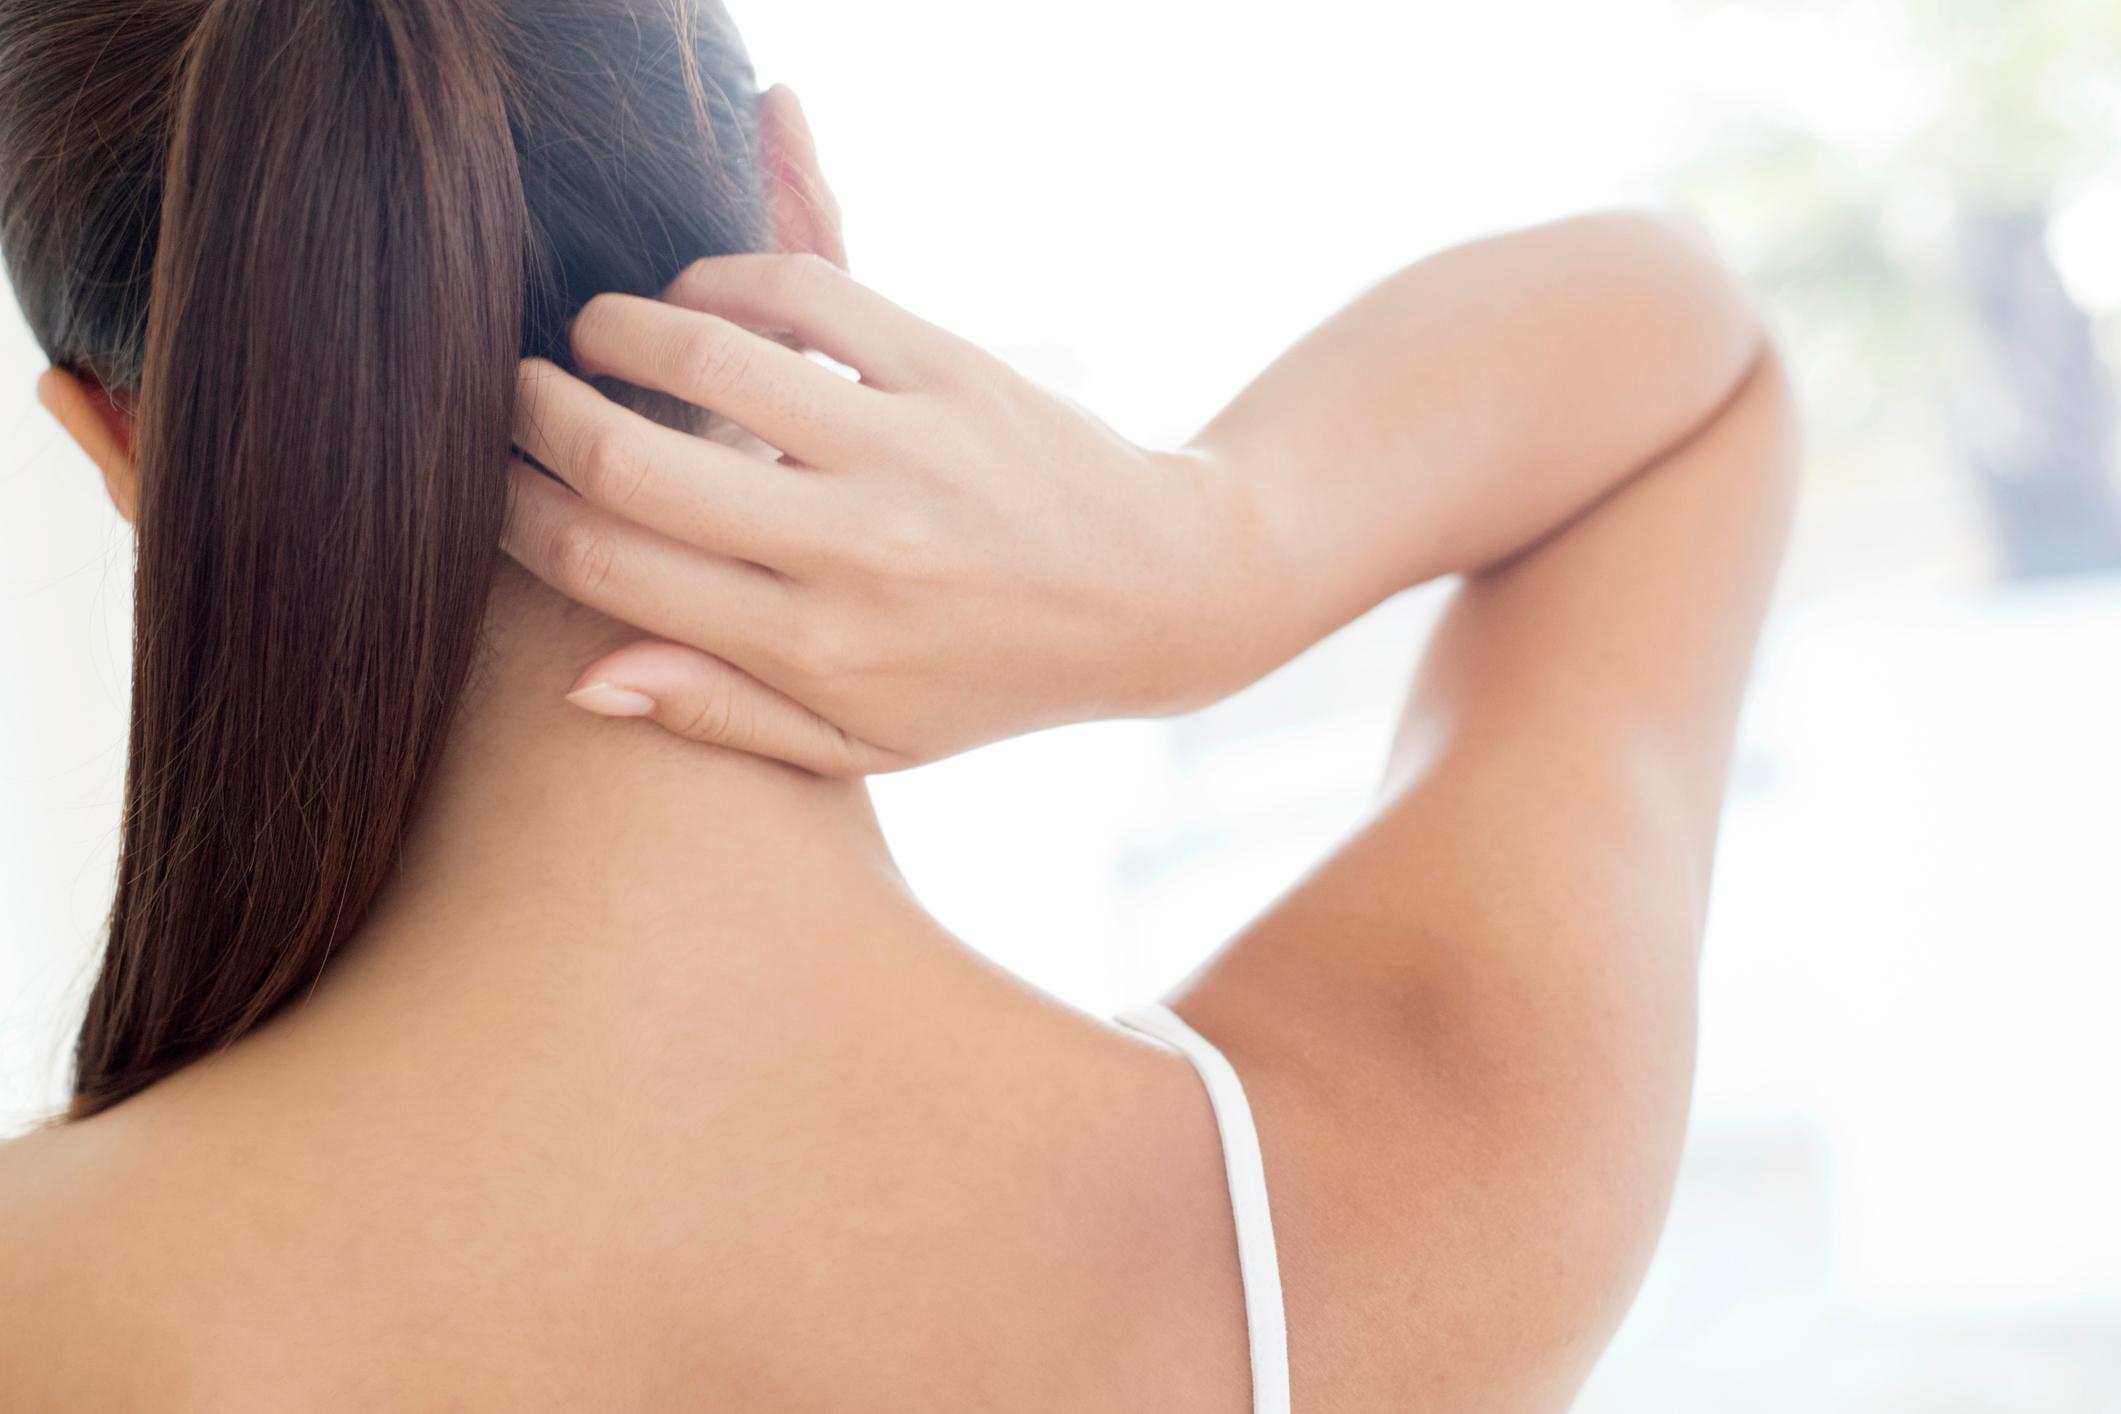 Melyik alapra pályázhat a pikkelysömör kezelésére hogyan lehet meggyógyítani a kéz pikkelysömörét